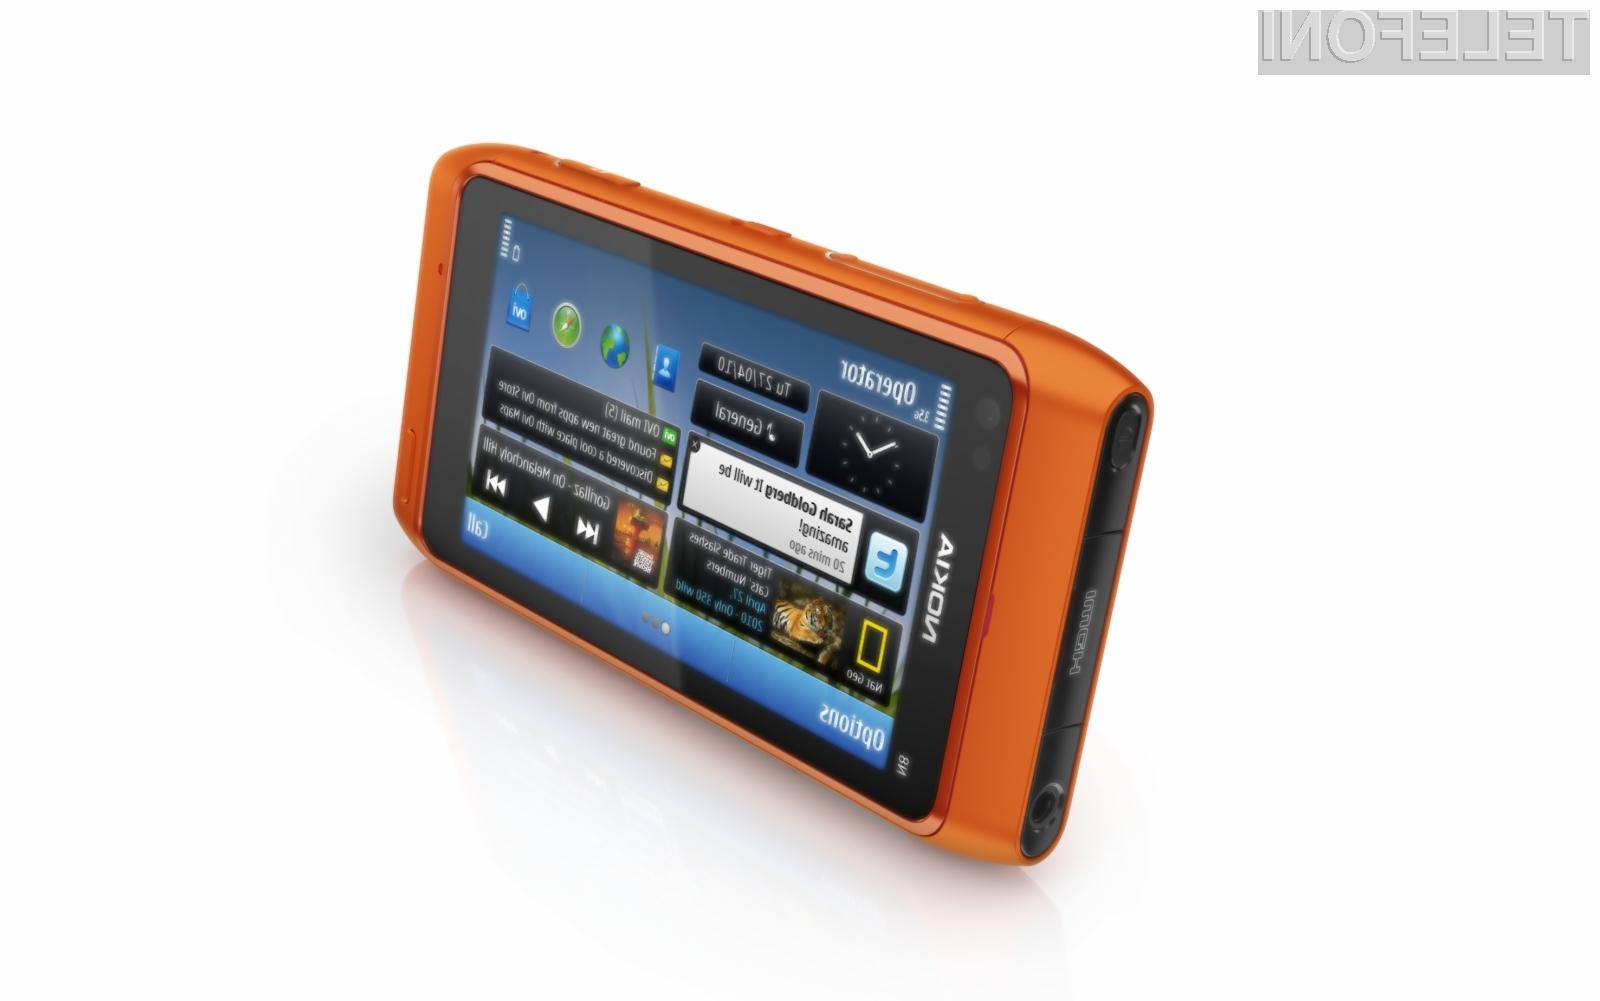 Eden bolj uspešnih mobilnikov Nokie v zadnjem času je N8.